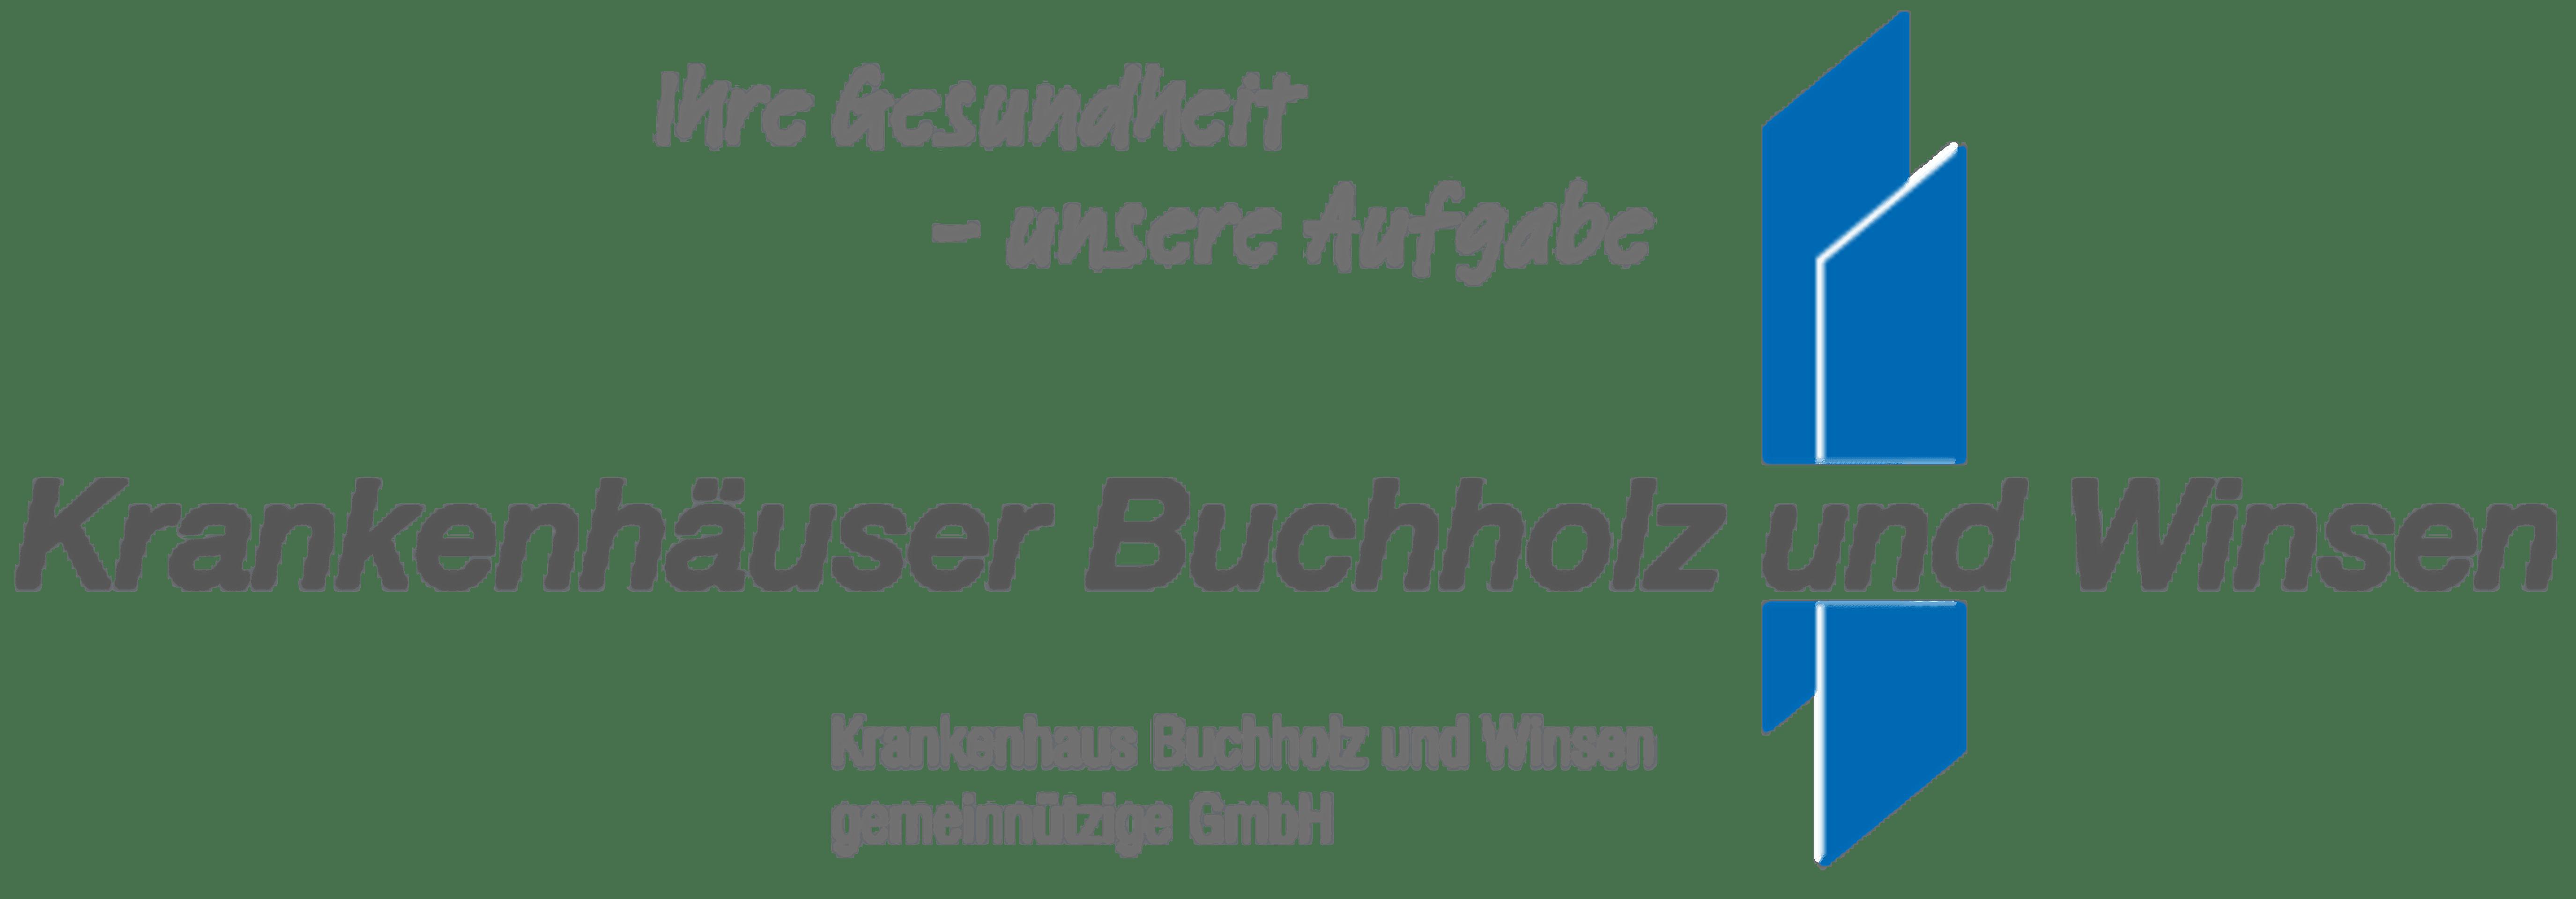 logo Krankenhaus Buchholz und Winsen gemeinnützige GmbH